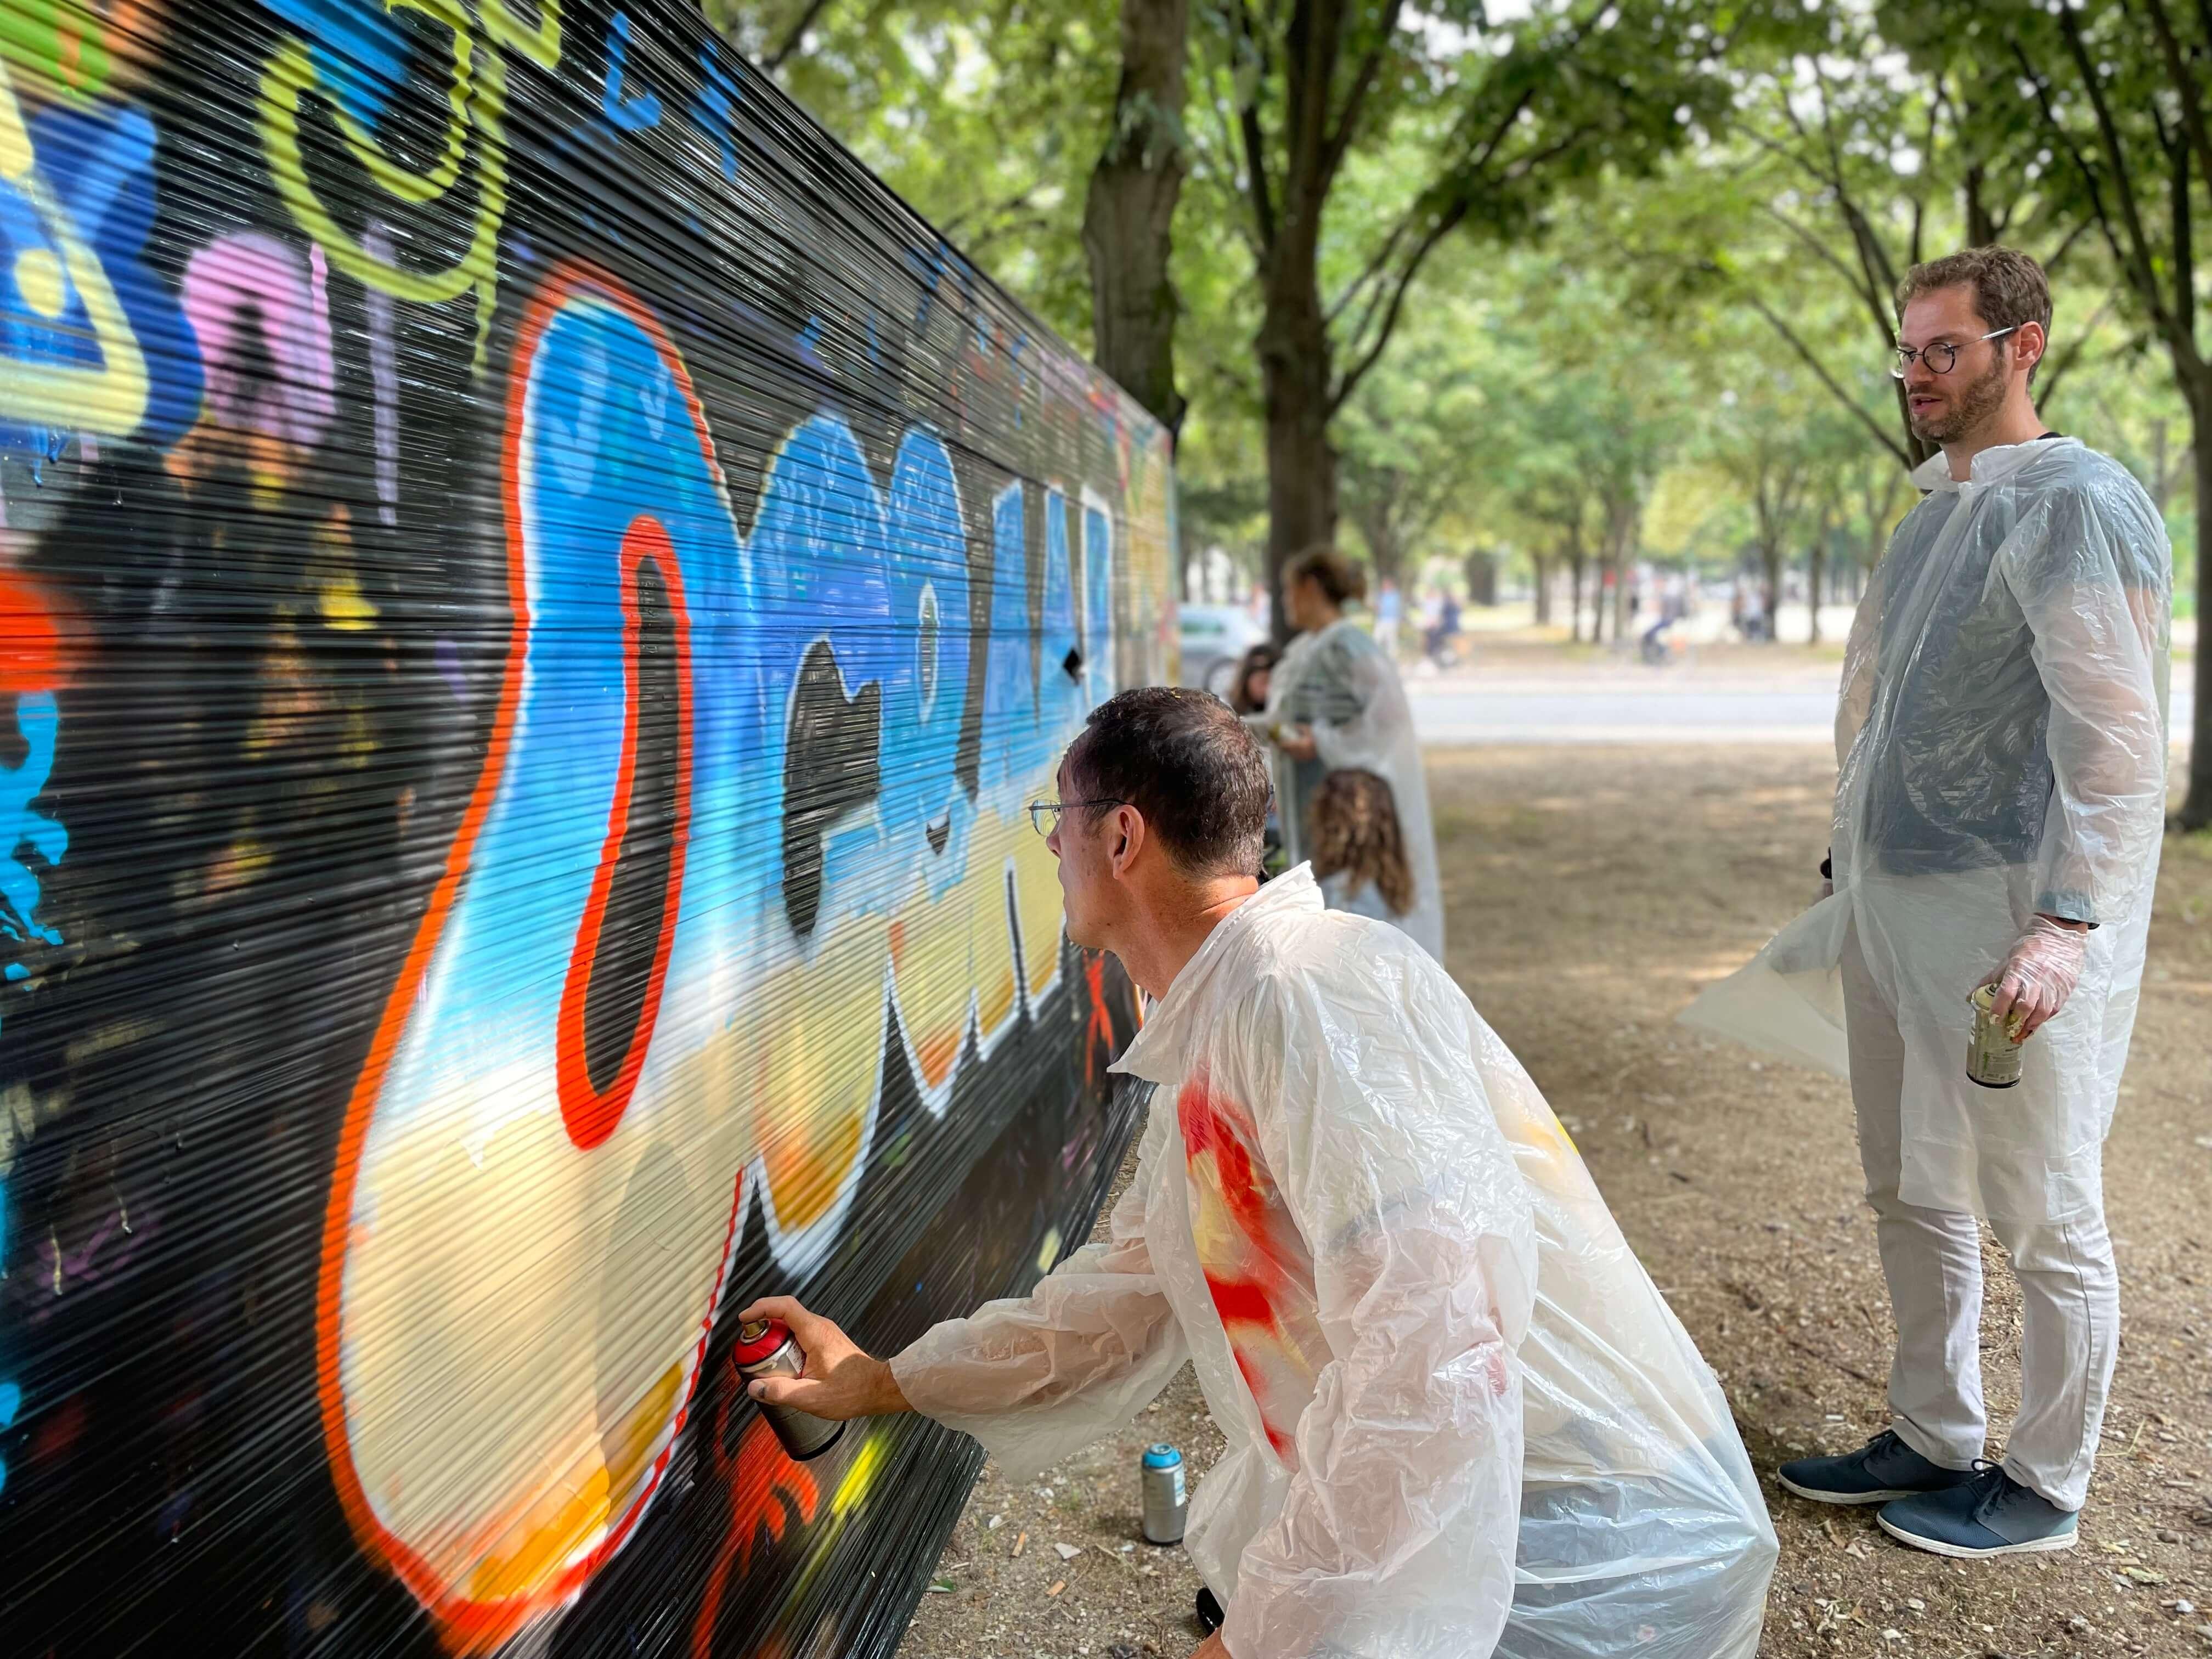 Atelier graffiti sur mur en cellophane